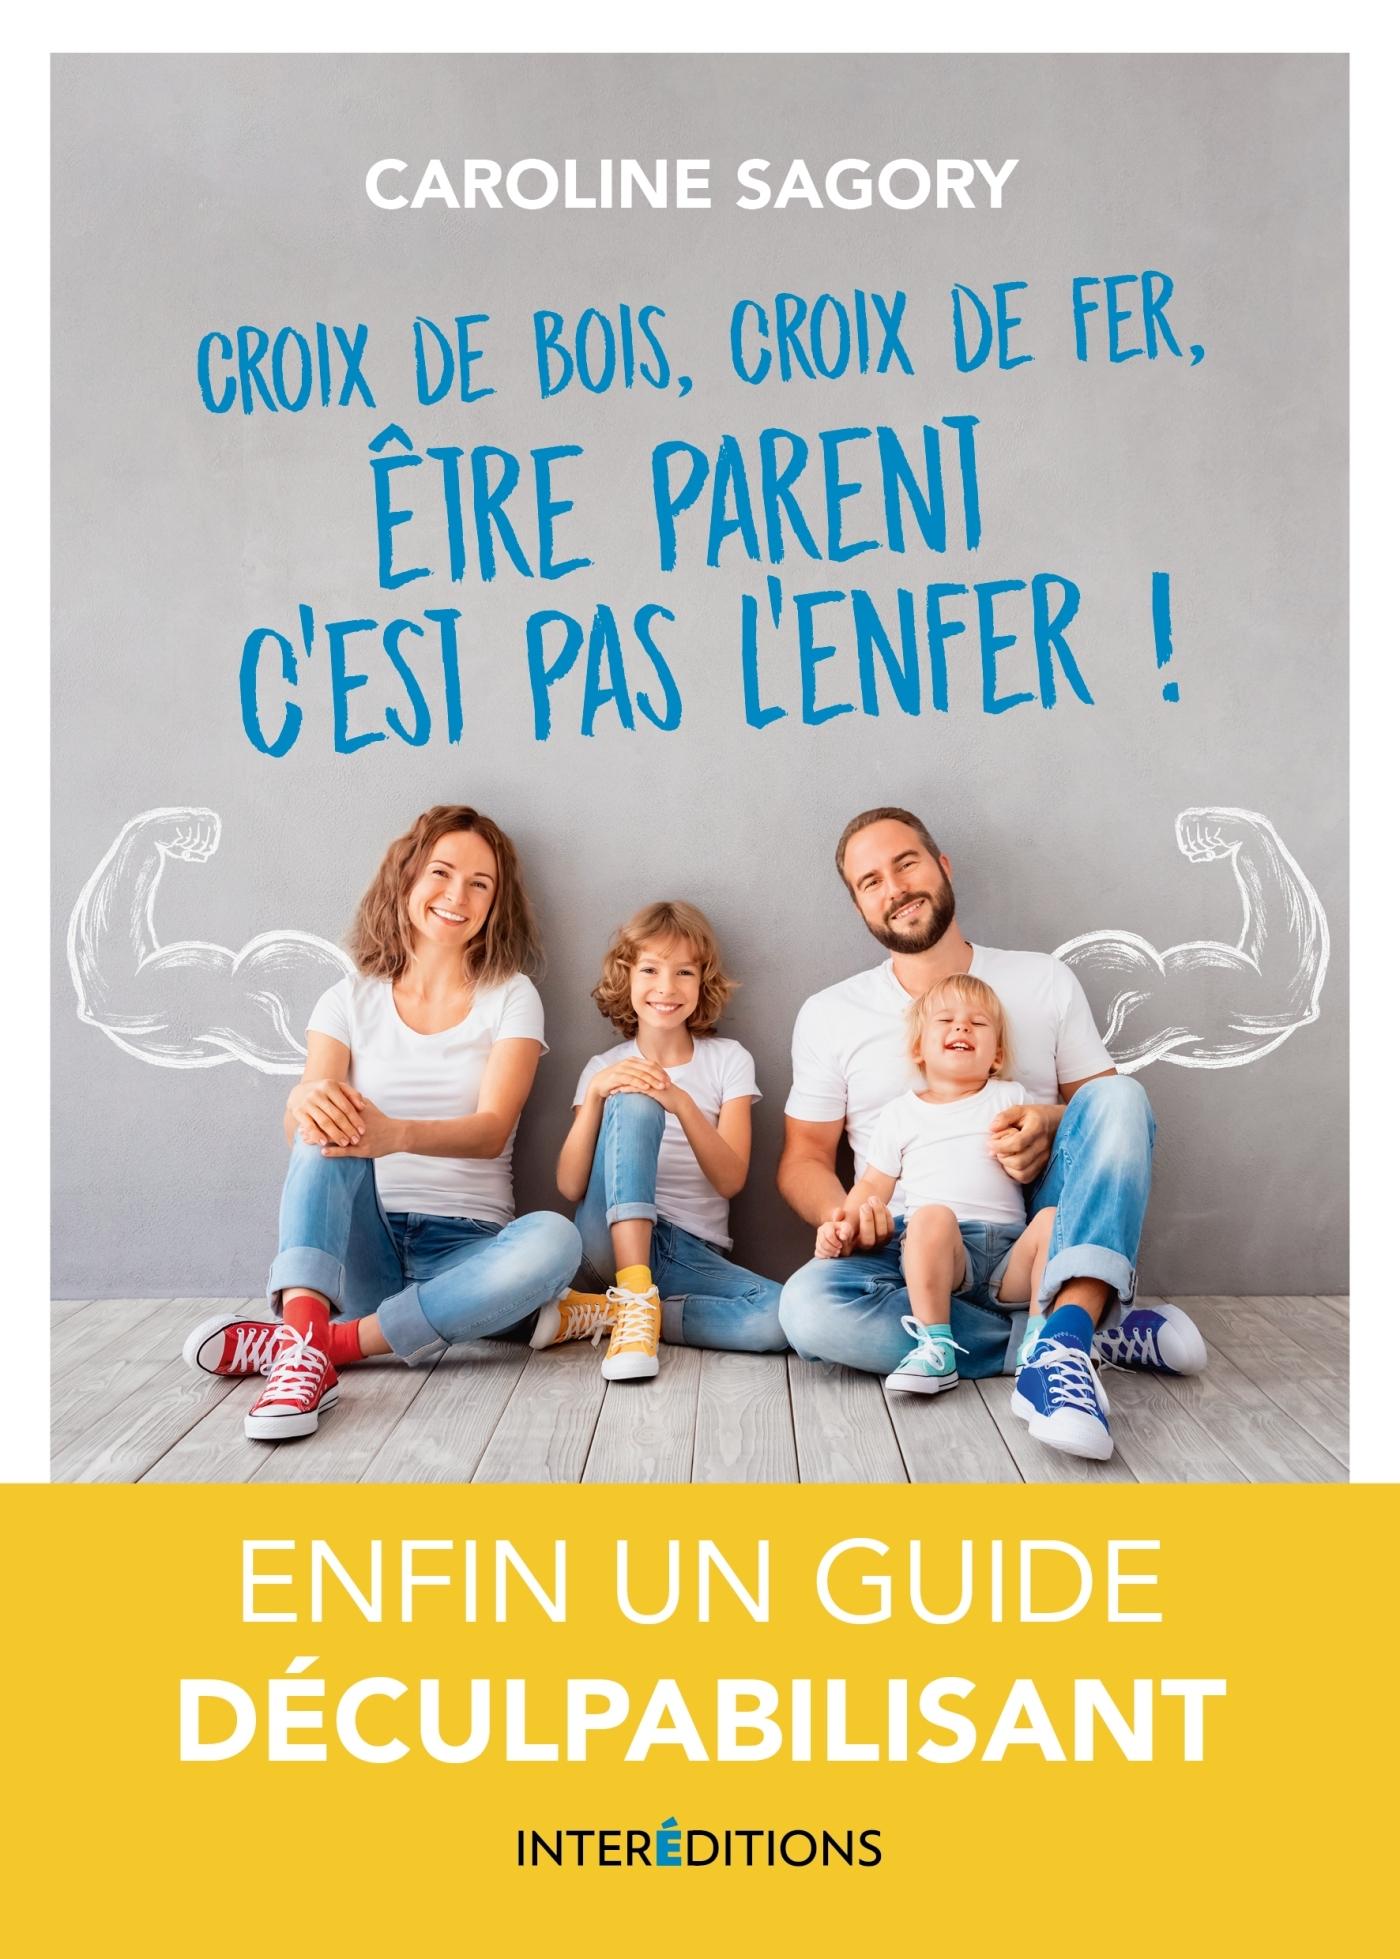 CROIX DE BOIS, CROIX DE FER, ETRE PARENT C'EST PAS L'ENFER ! - ENFIN UN GUIDE DECULPABILISANT!